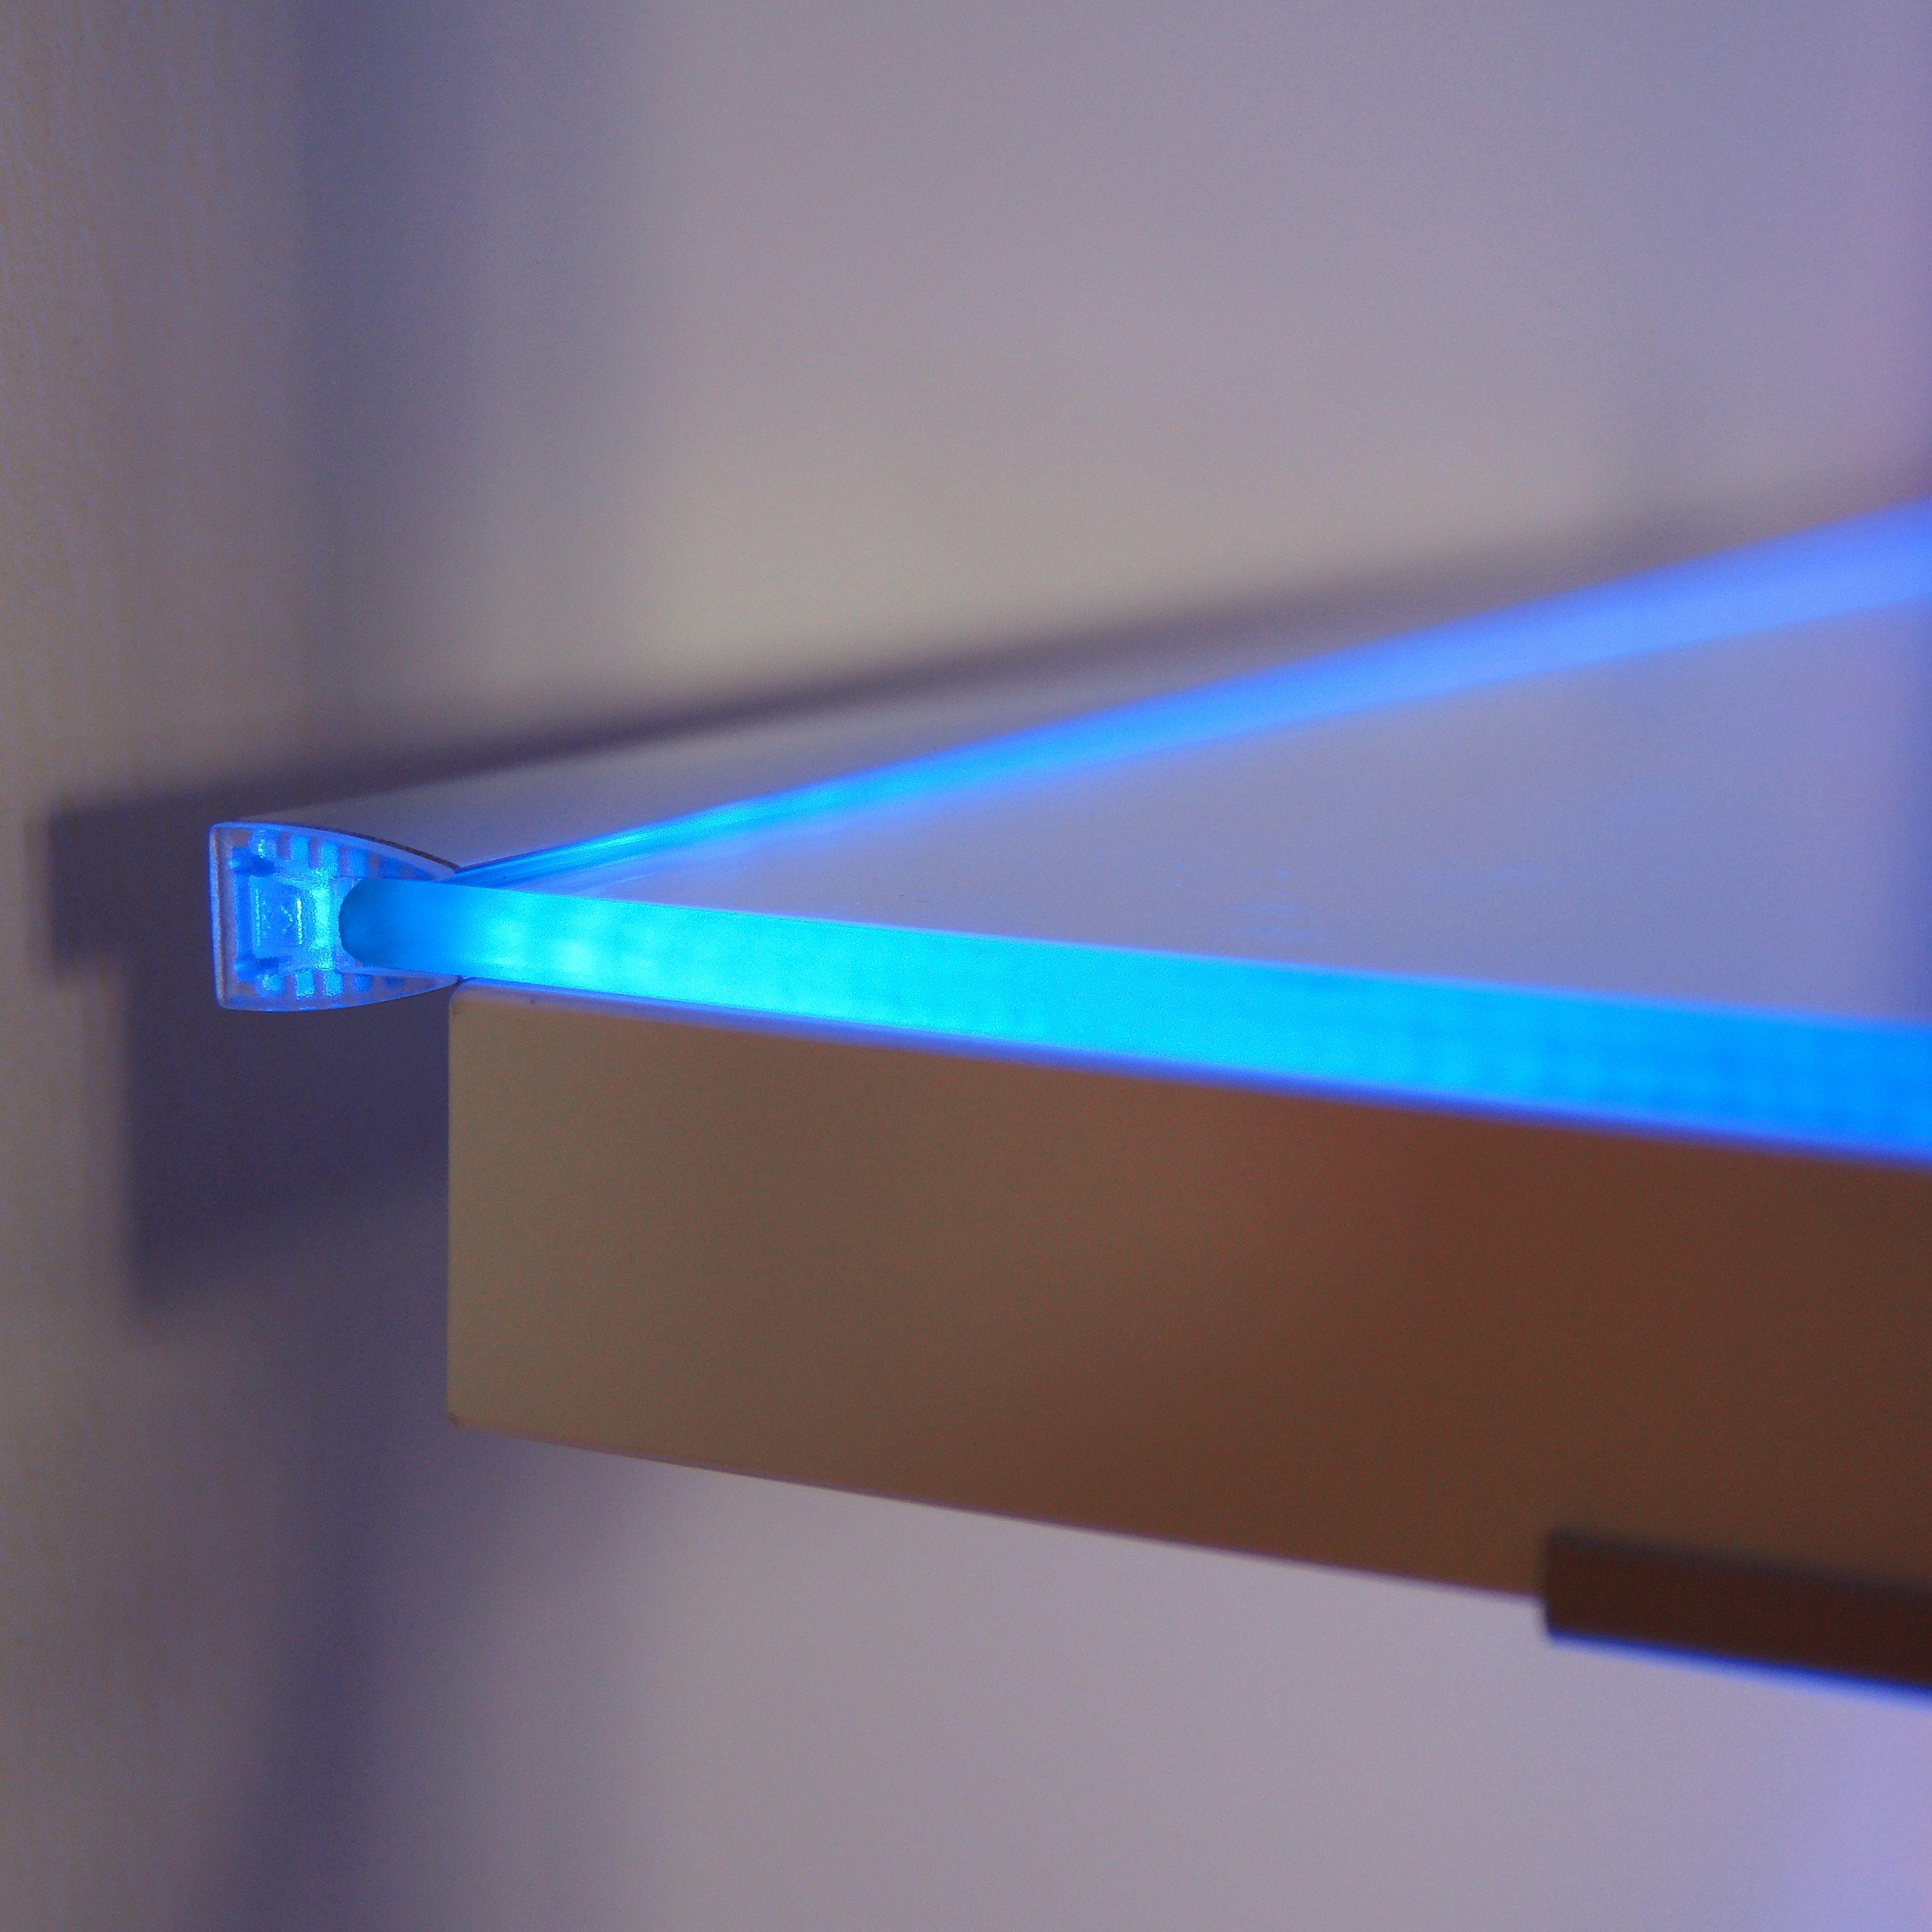 Glaszwischenboden Mit Led Beleuchtung Led Beleuchtung Led Deckenbeleuchtung Led